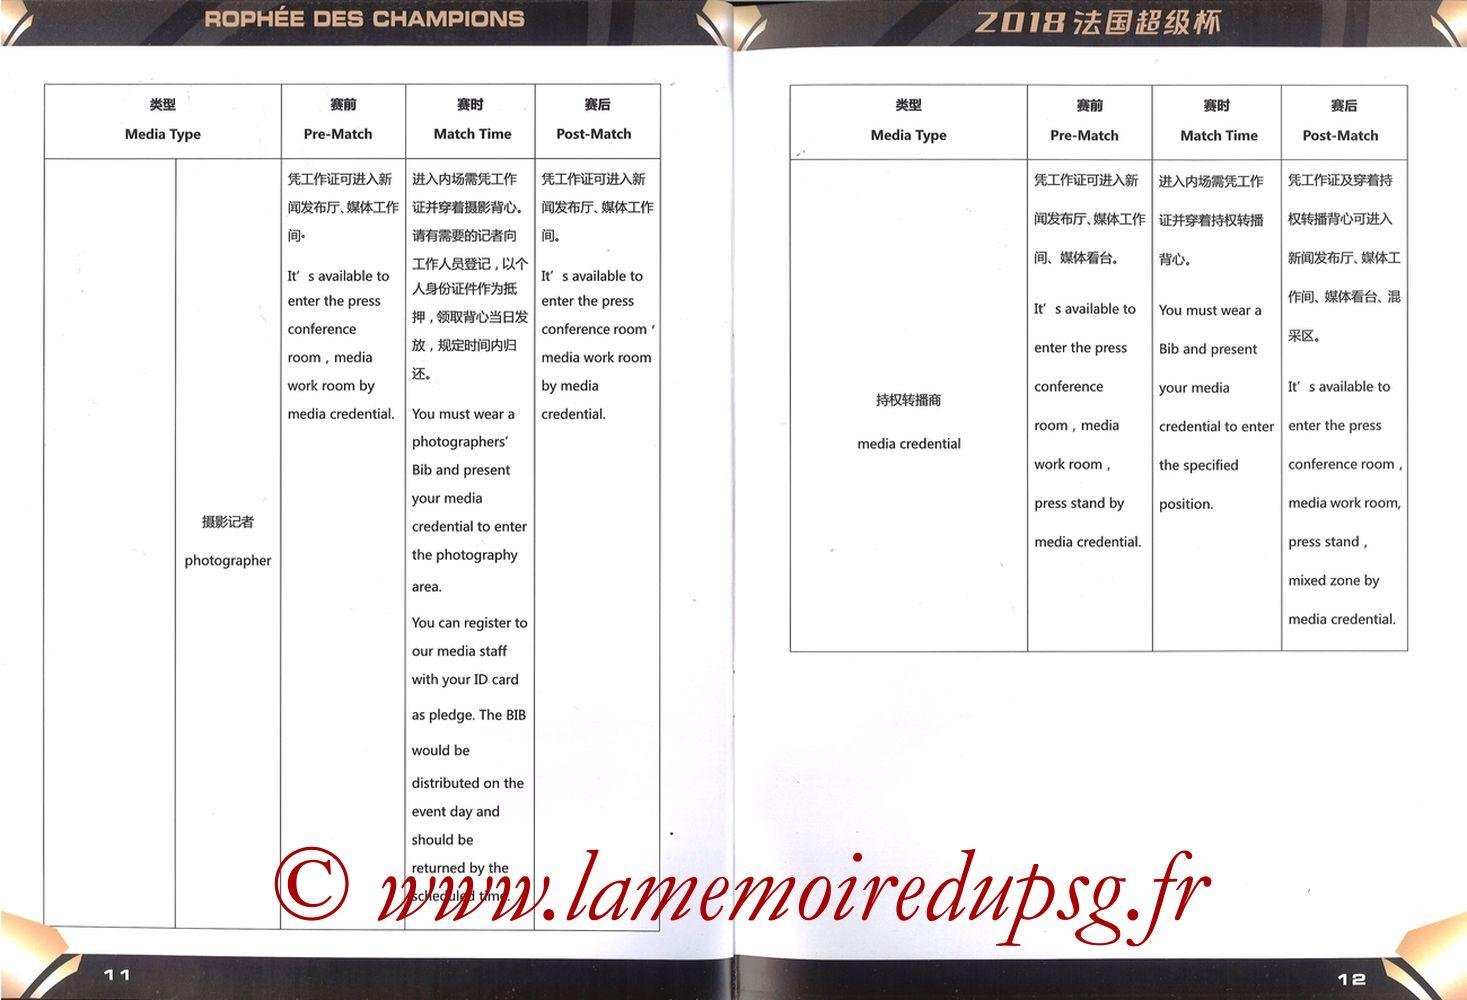 2018-08-04  PSG-Monaco (Trophée des Champions à Shenzhen, Media Guide) - Pages 01 et 02